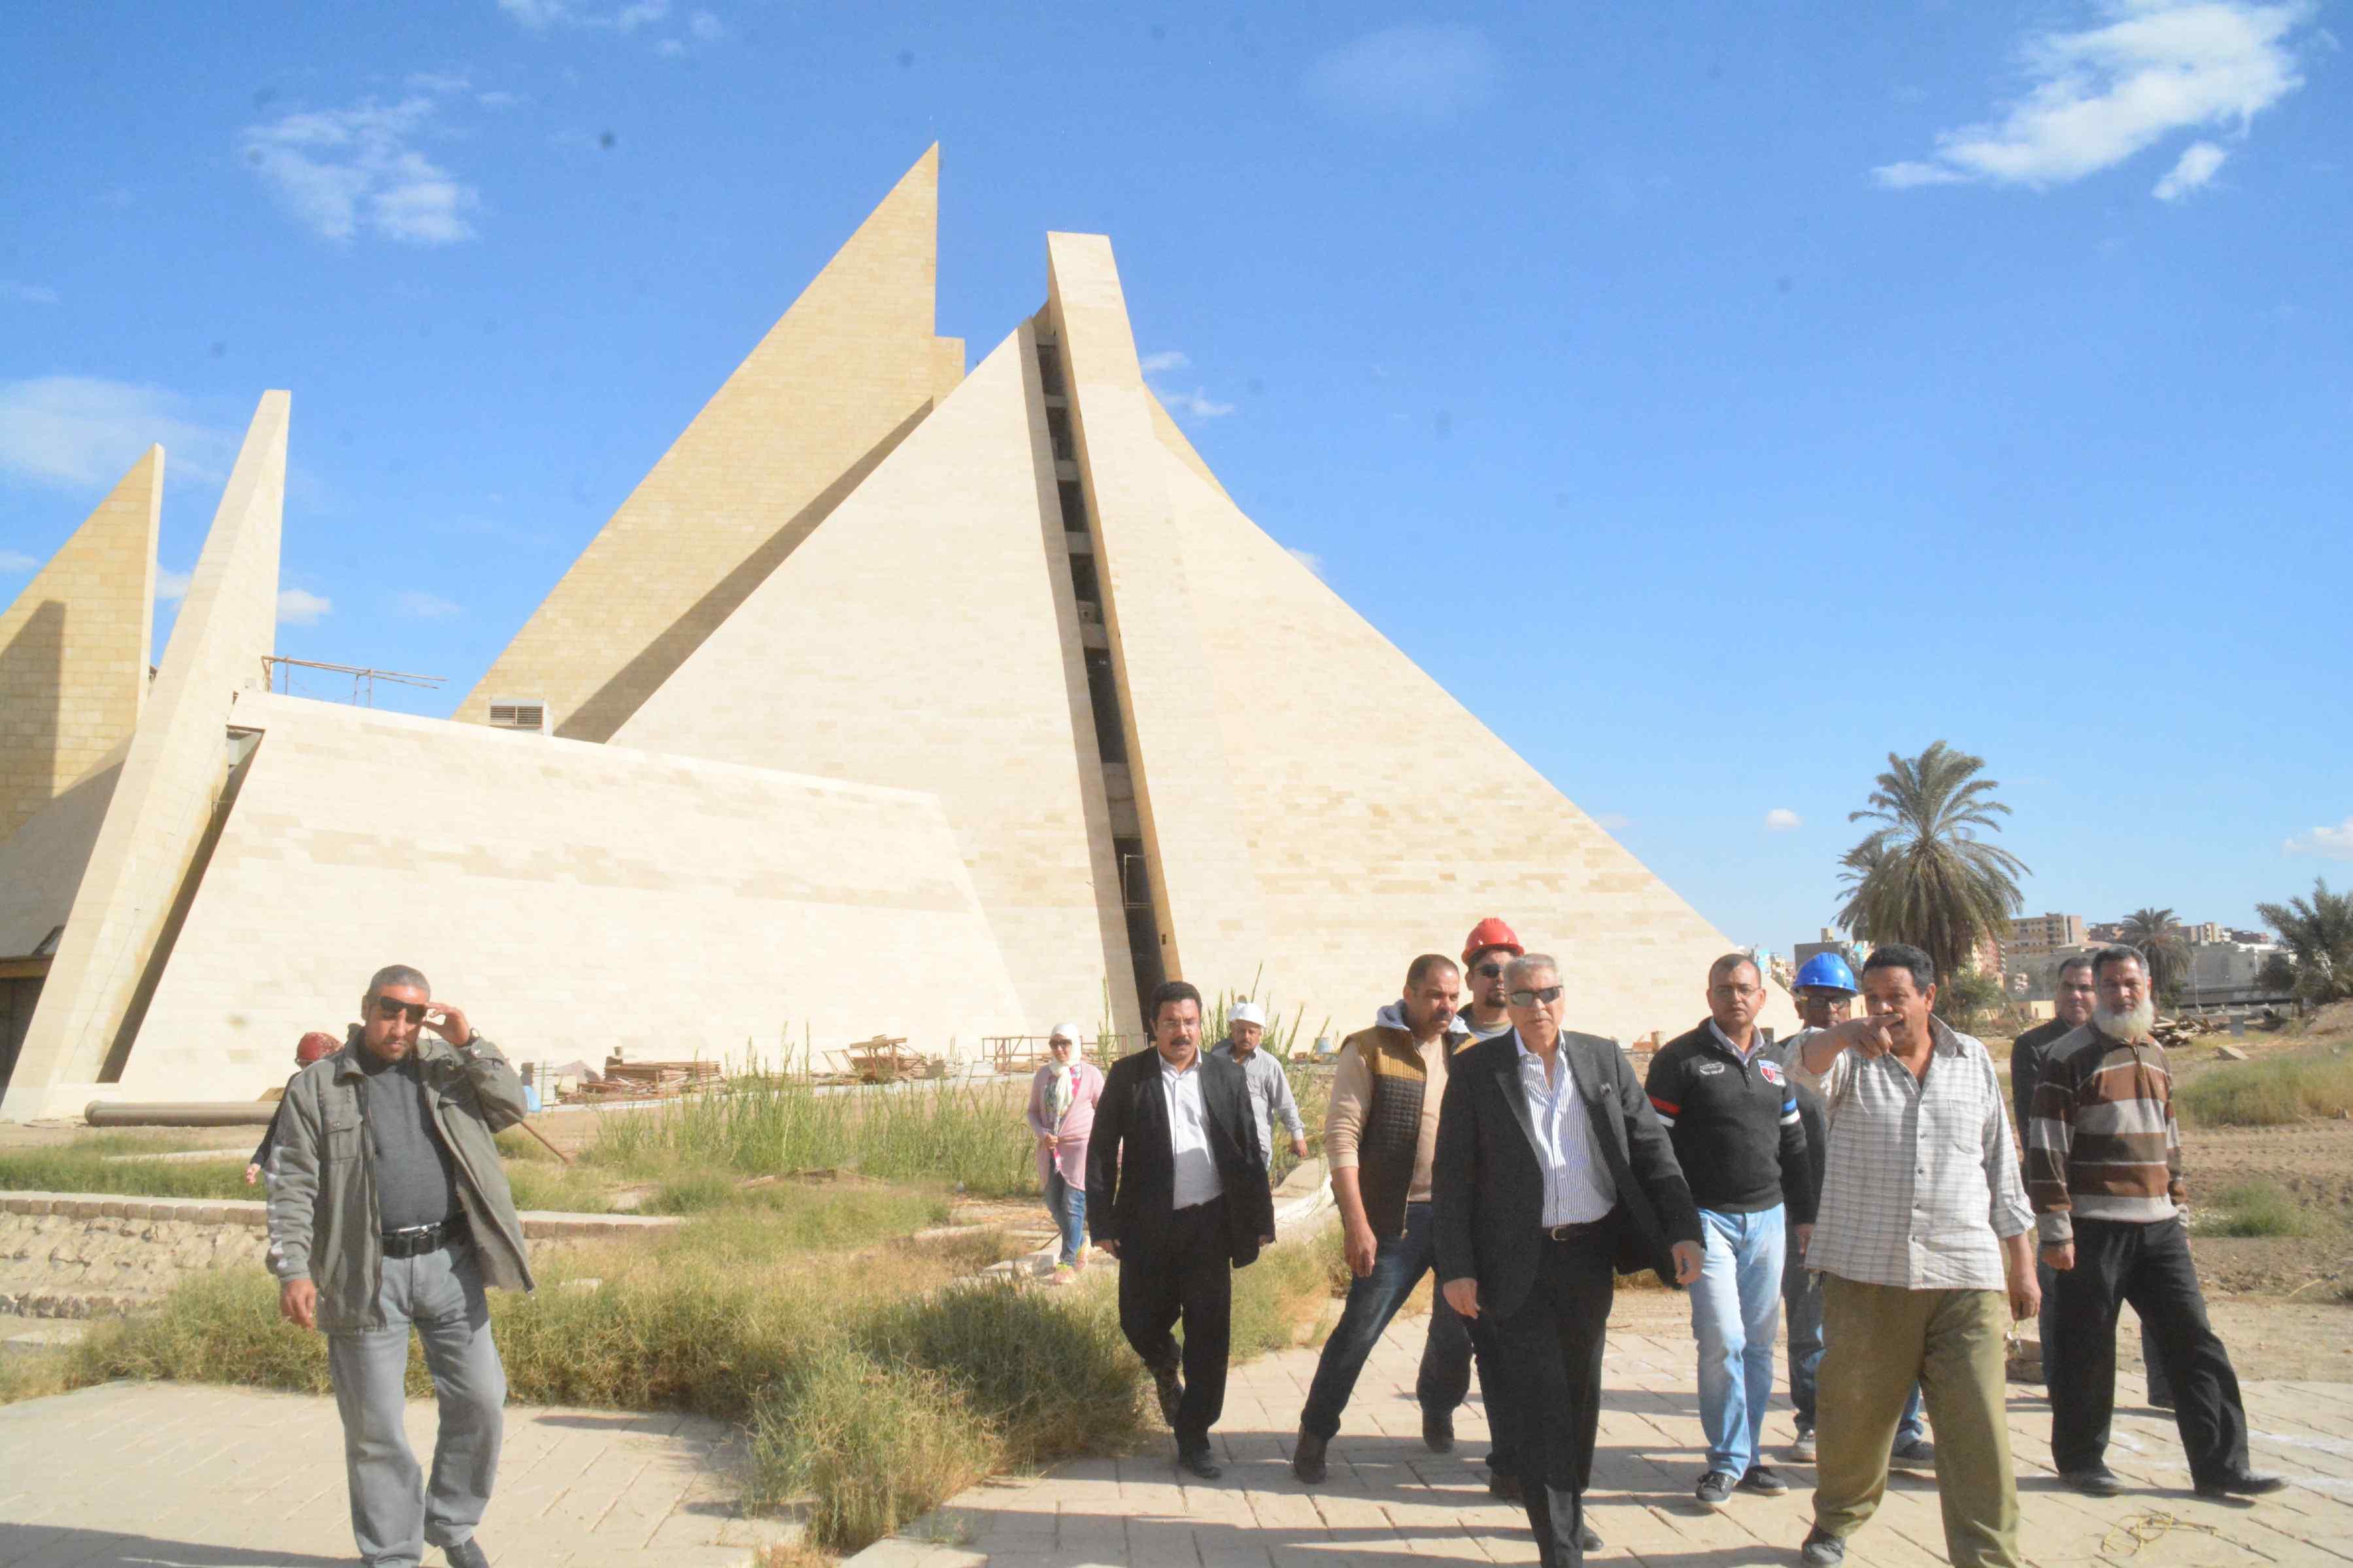 المتحف الأتونى بالمنيا يظهر للنور بإفتتاحة العام القادم